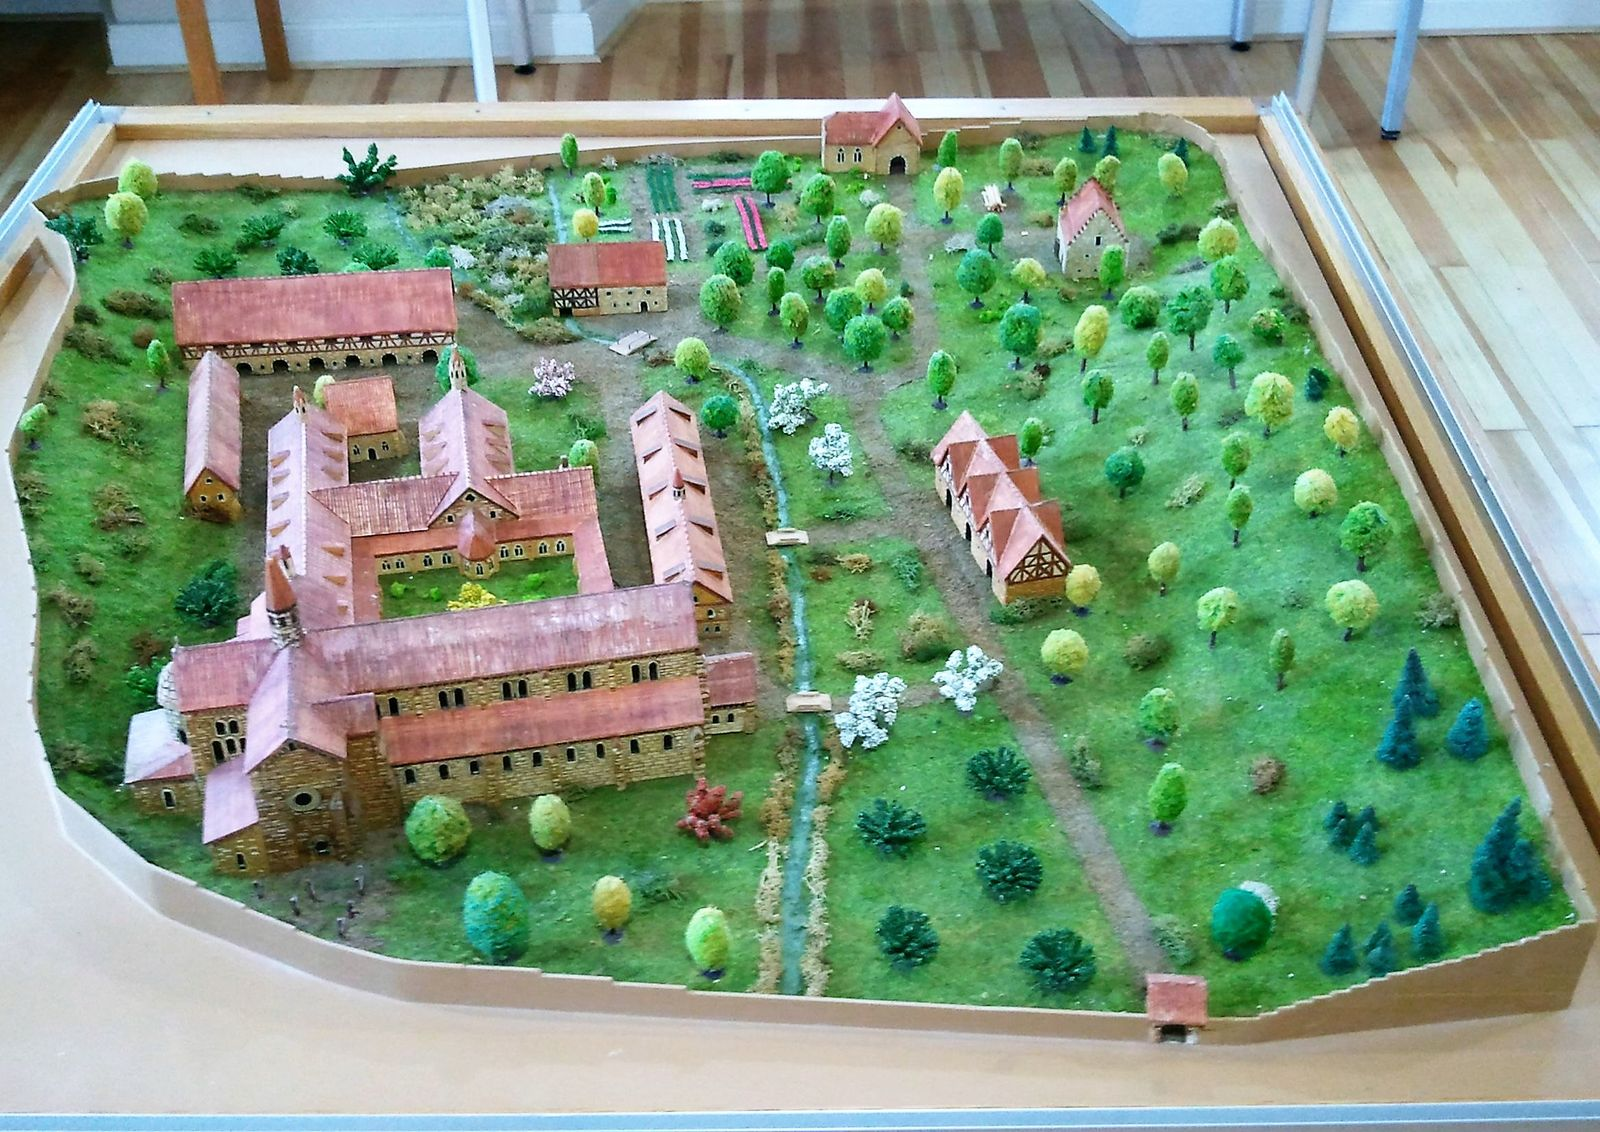 Model Kloster Otterberg